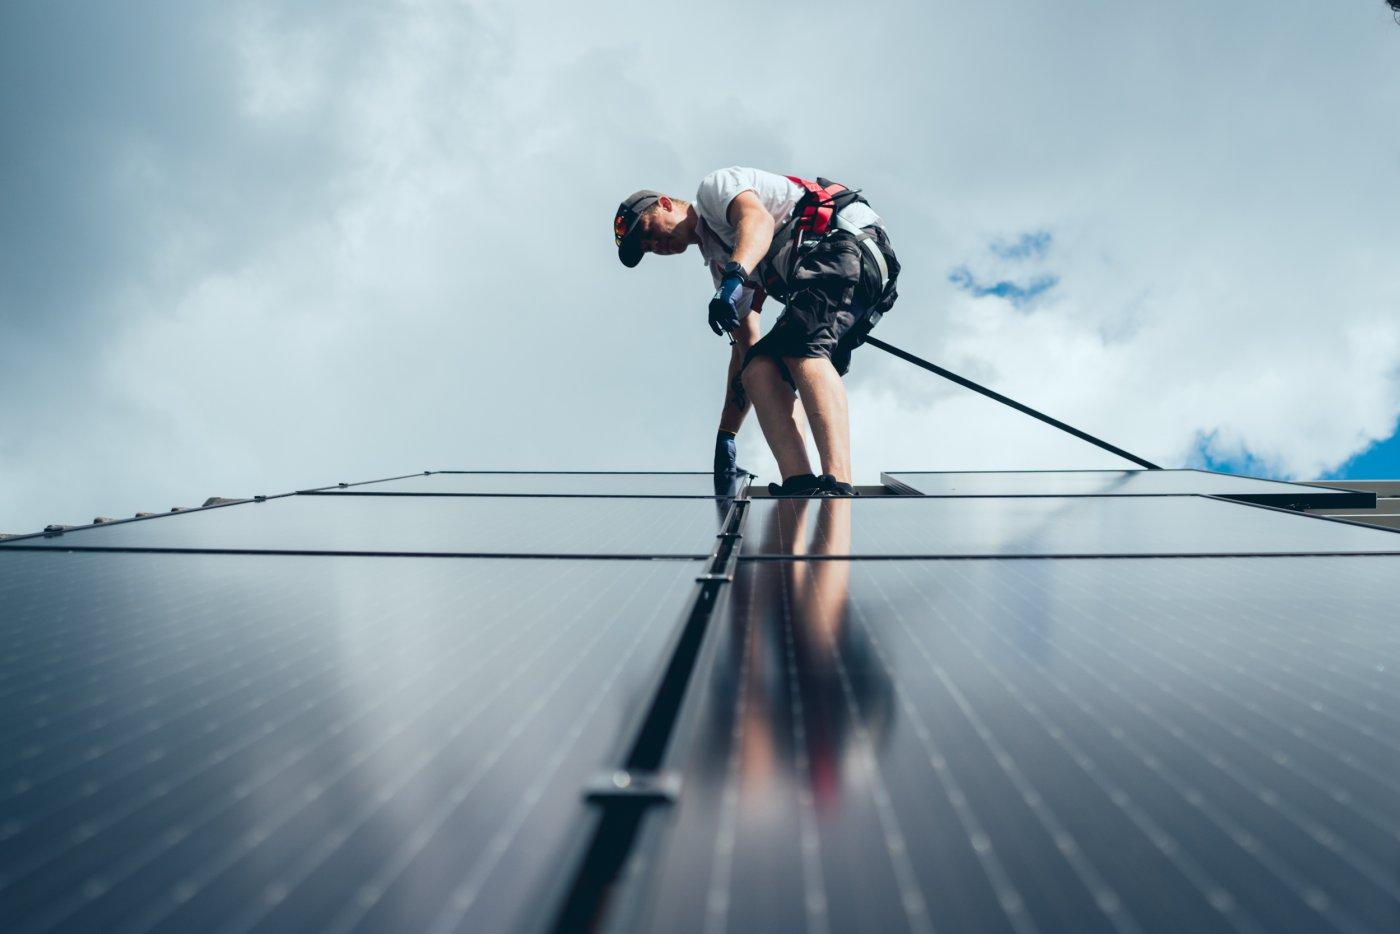 elfagelektriker på tak som monterer solcellepanel hos forbruker